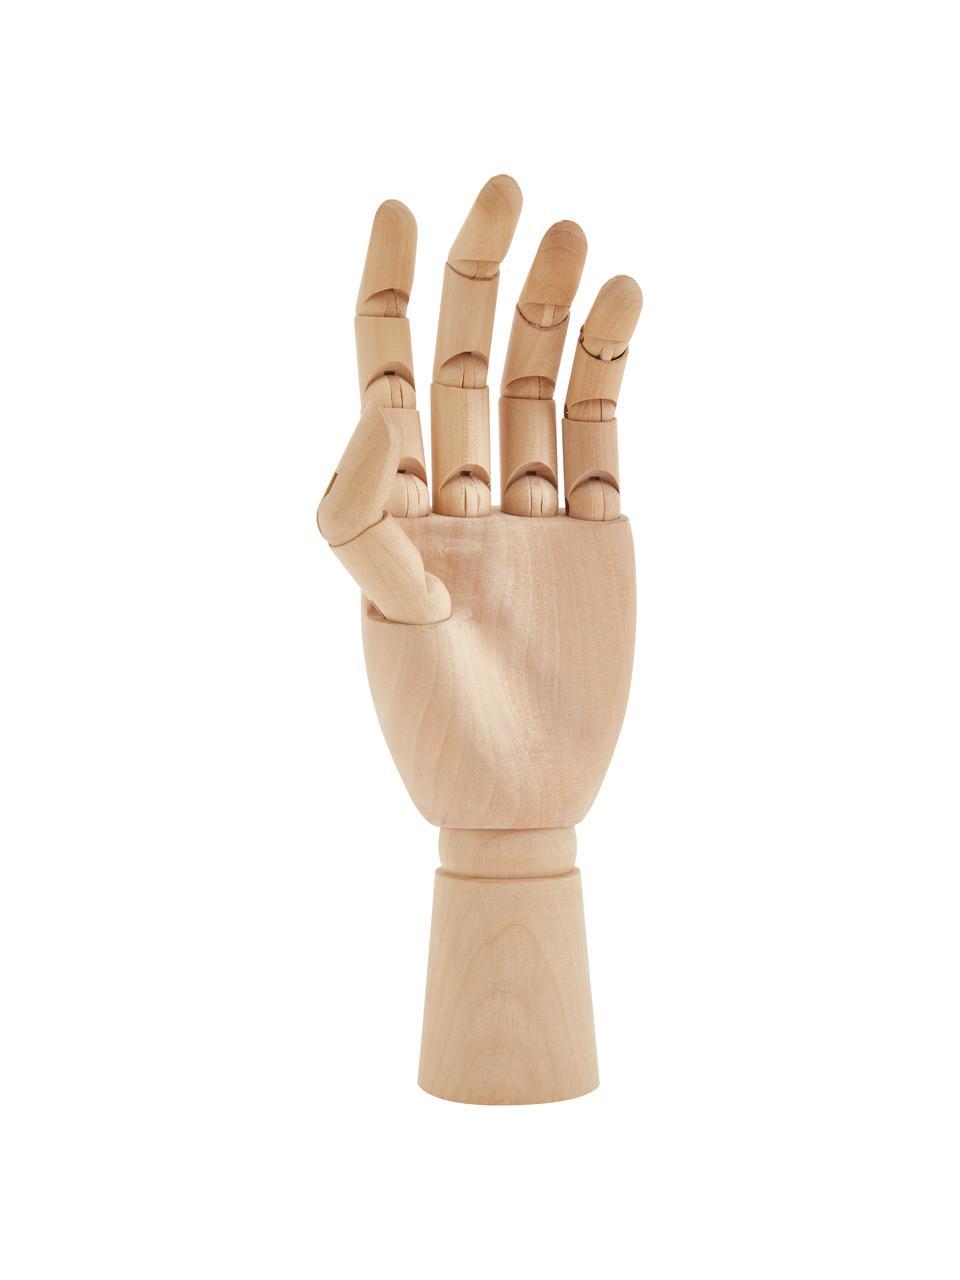 Decoratief object Hand, Grasboom, Lichtbruin, 7 x 25 cm